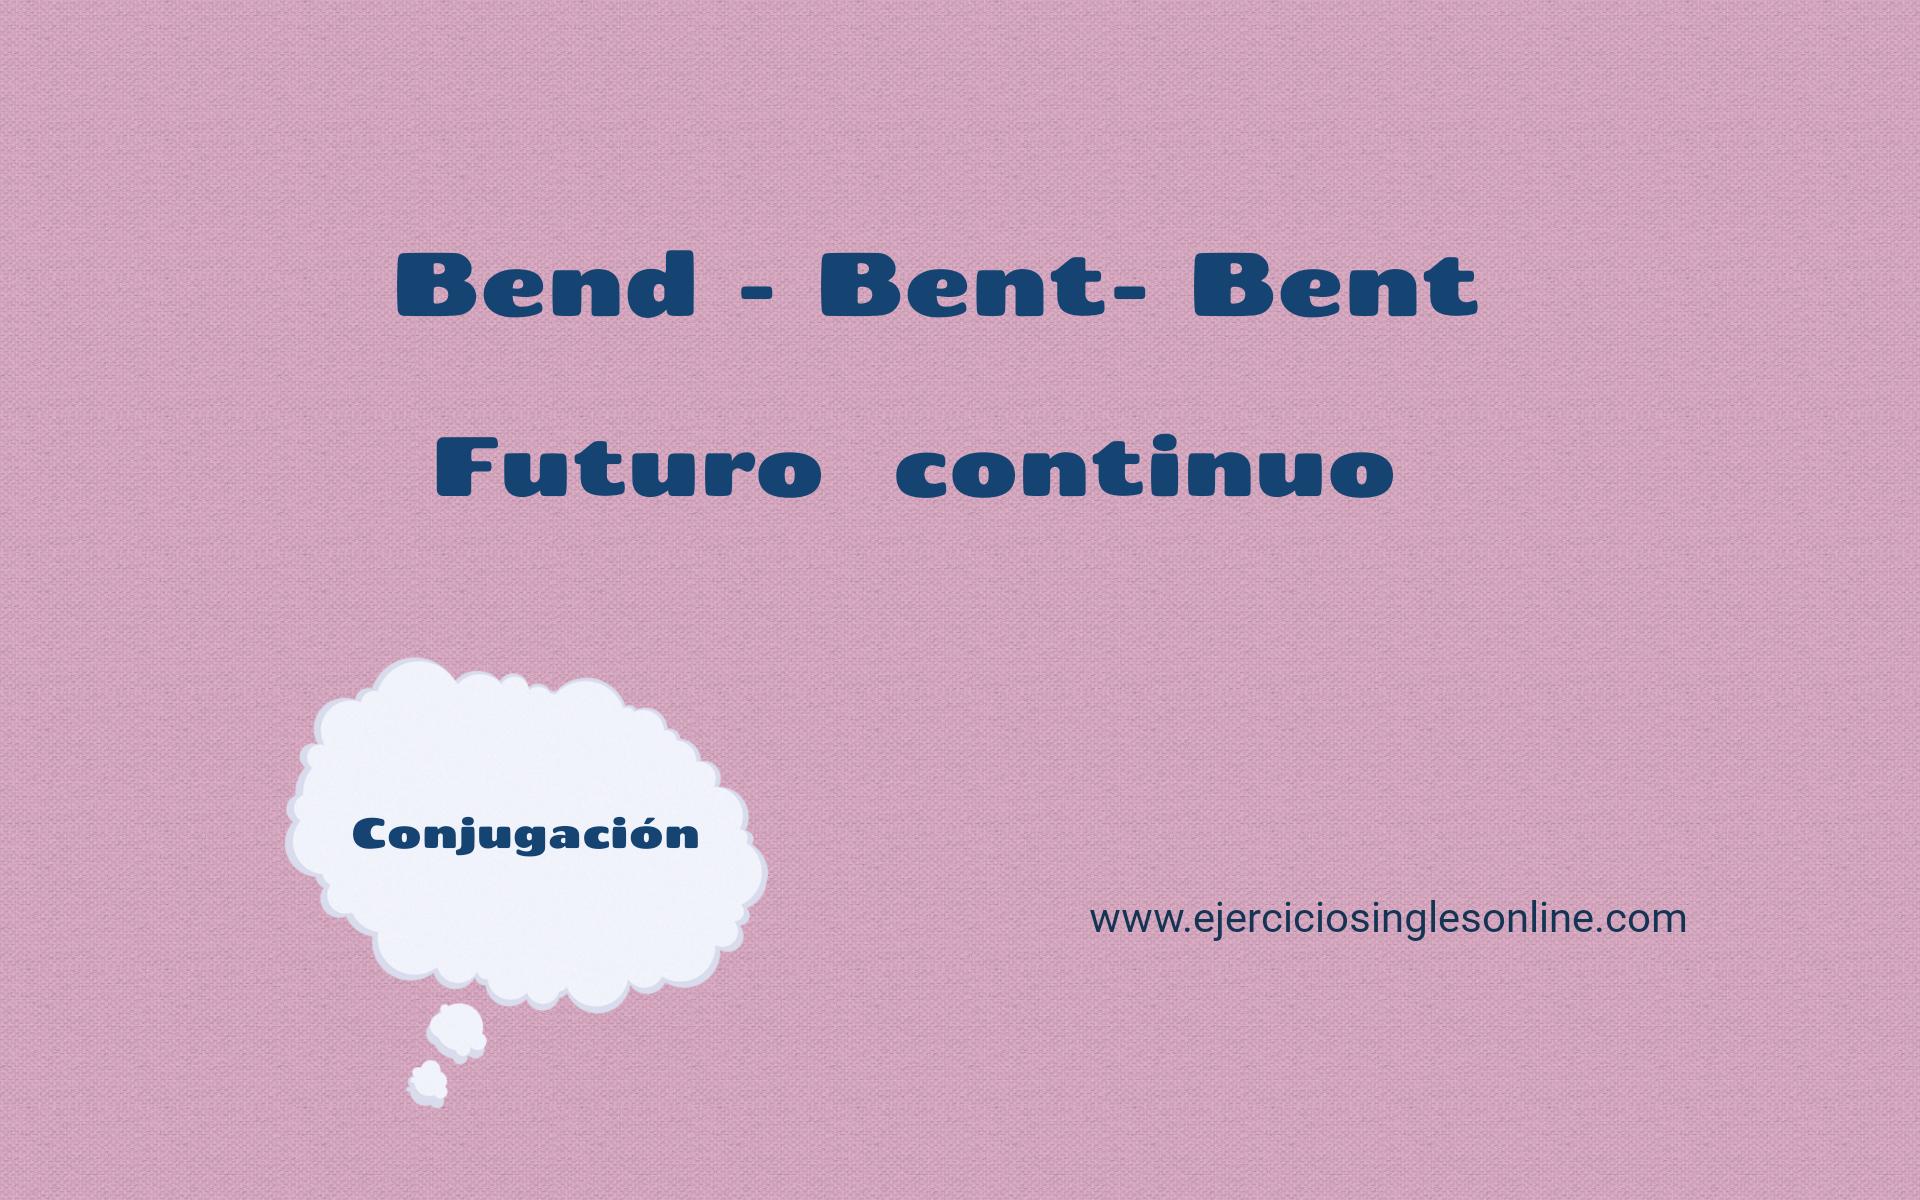 Bend - Futuro continuo